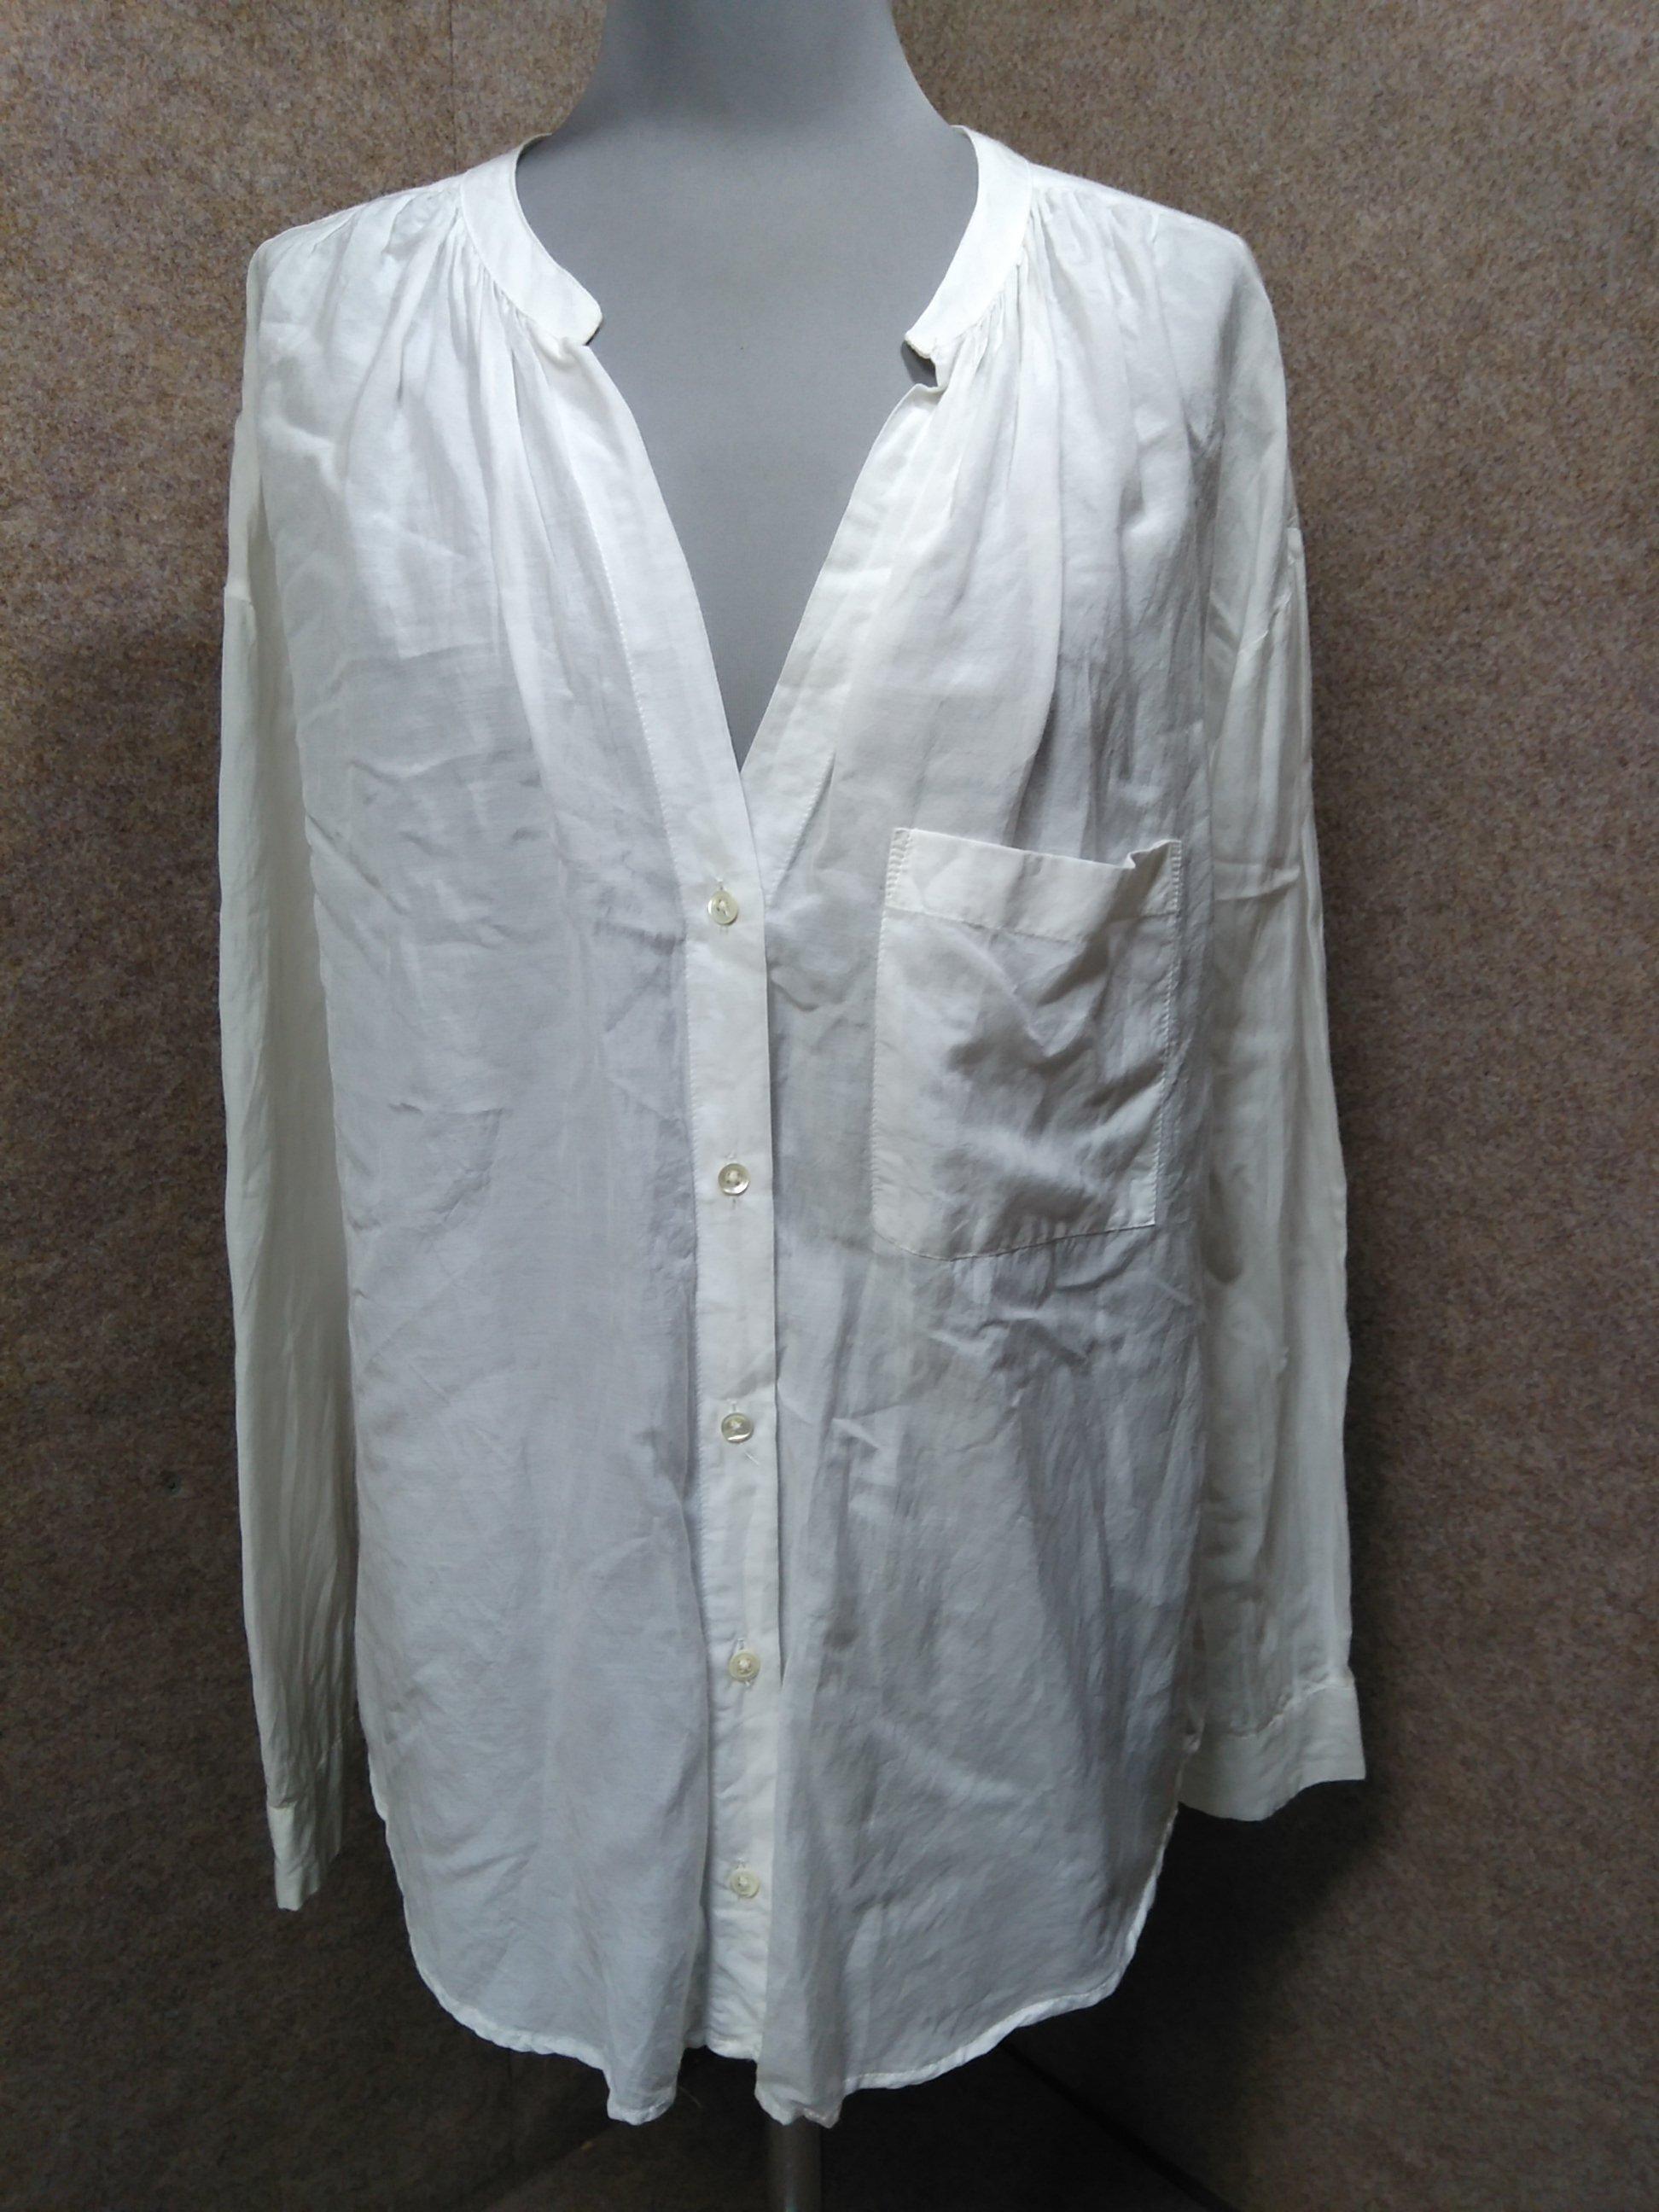 スピックアンドスパン シャツ ブラウス 白 綿/レーヨン mu808e